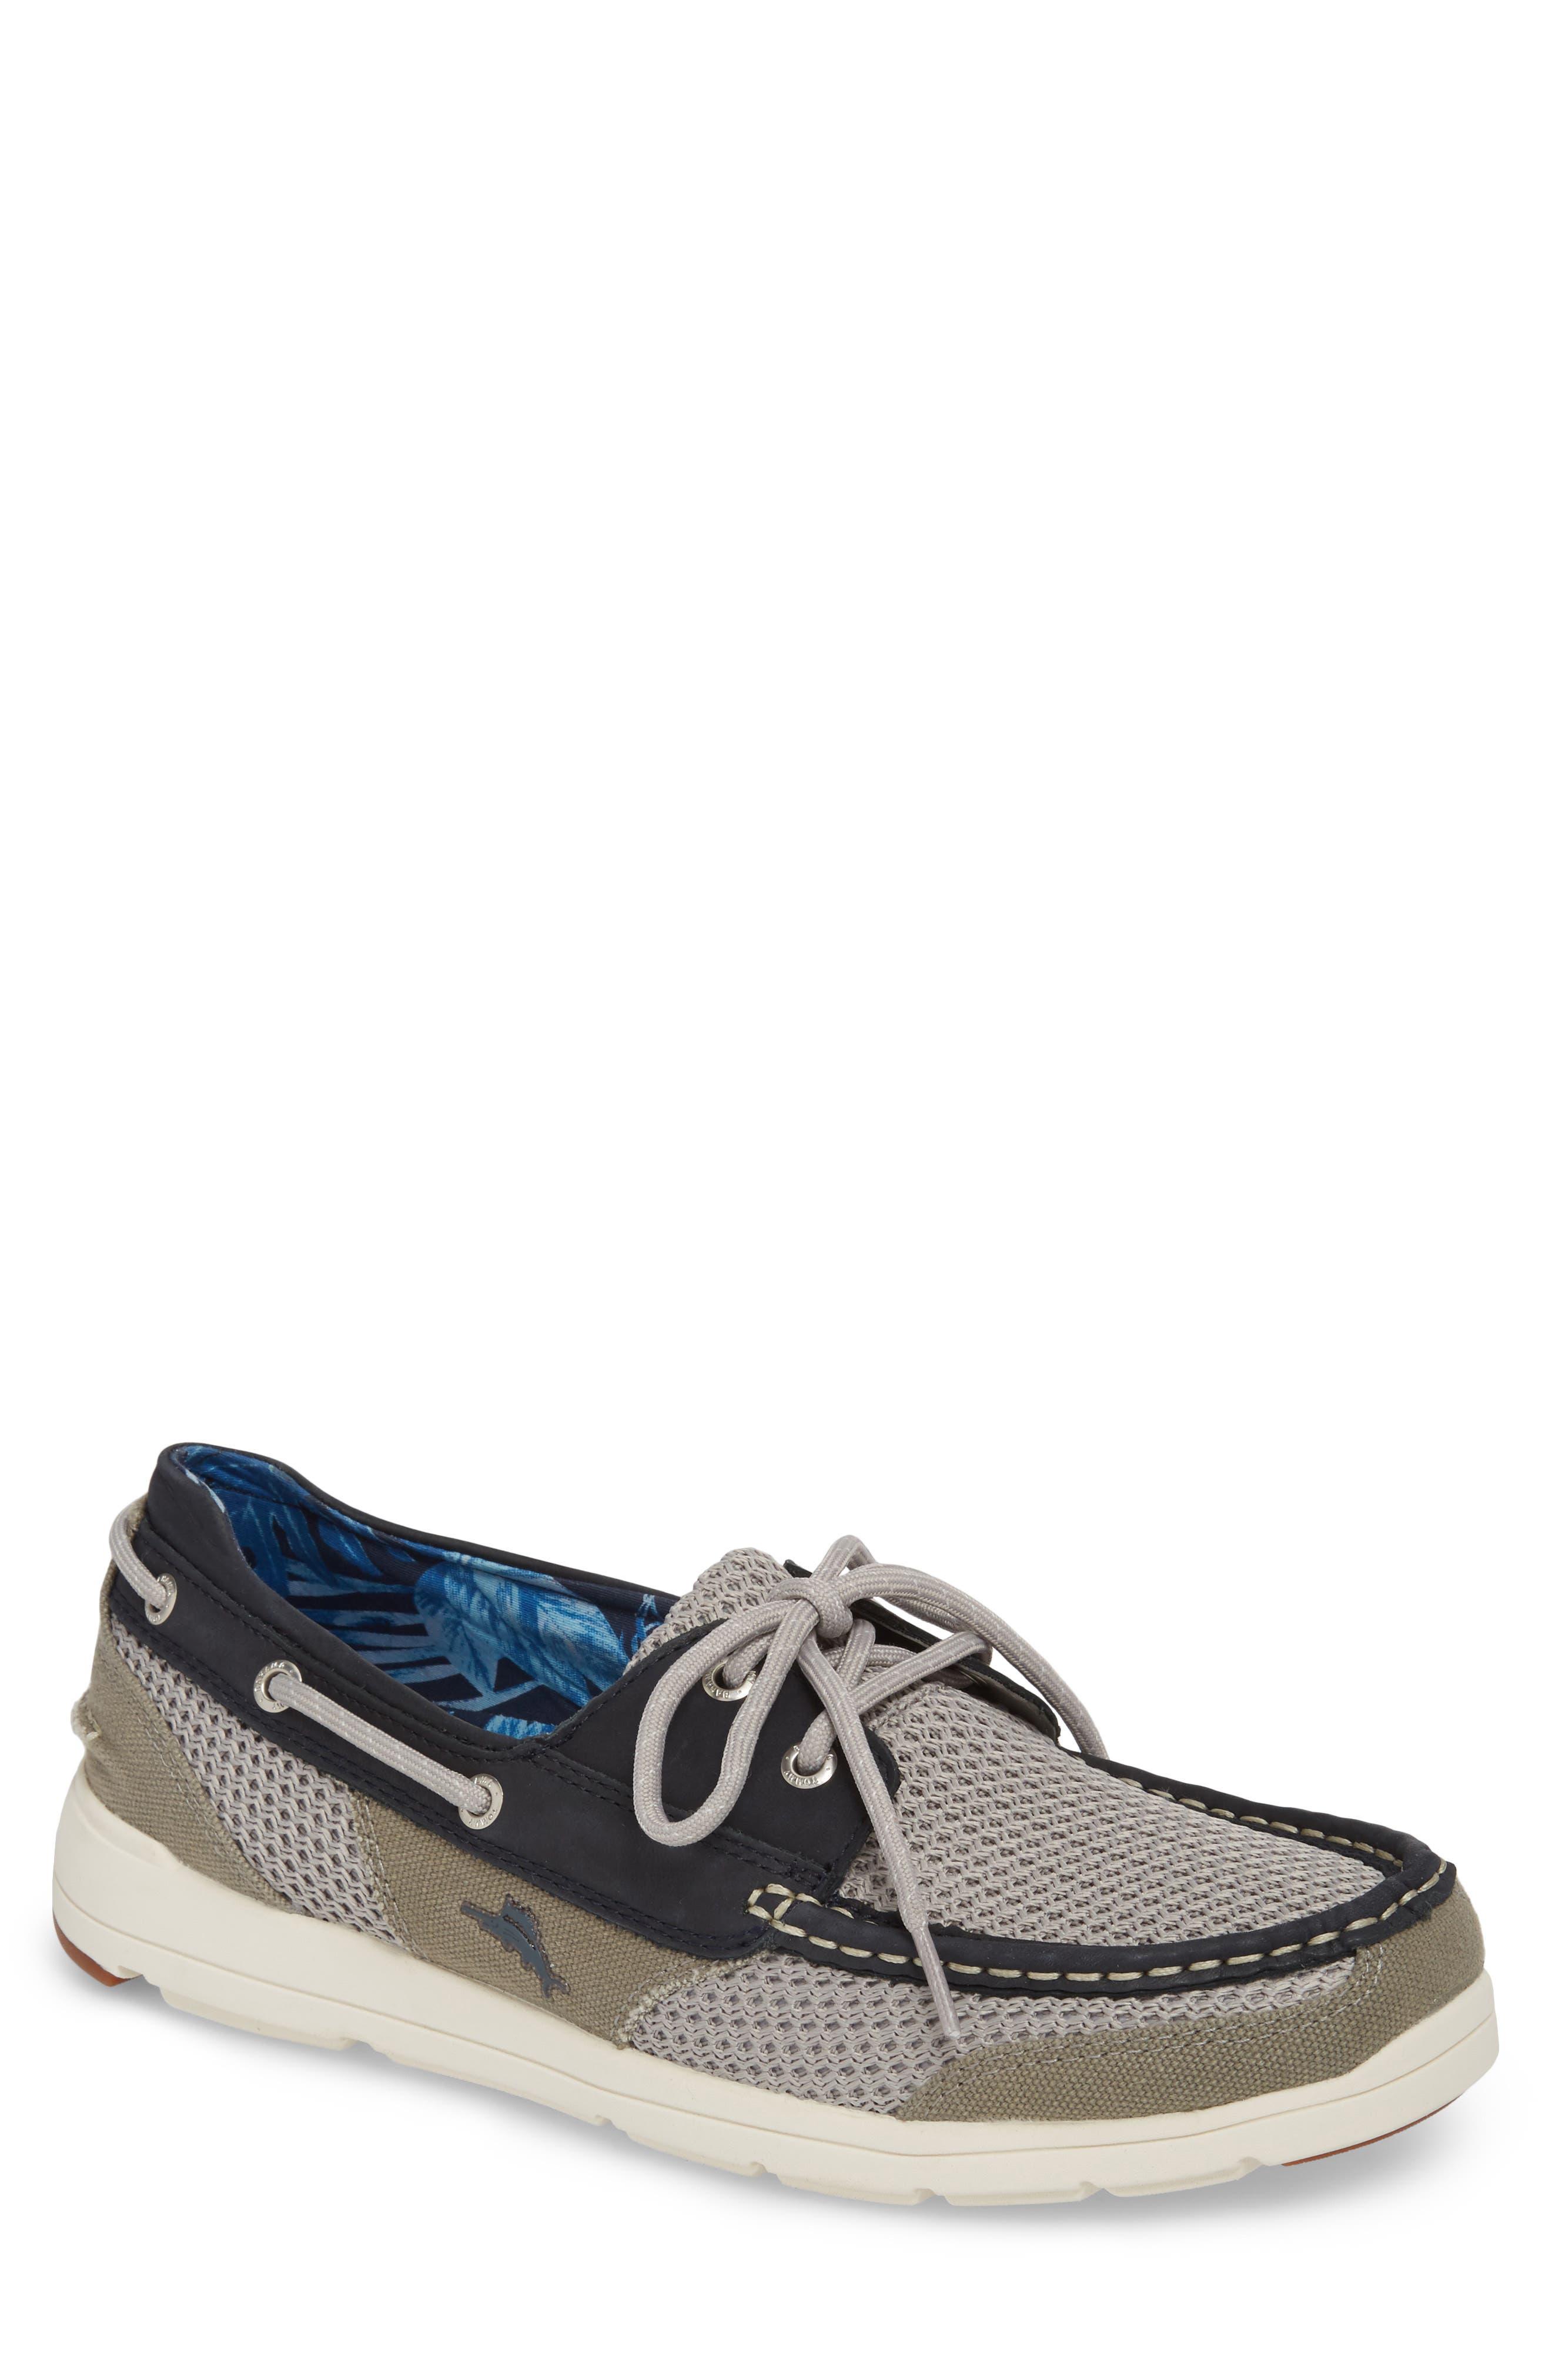 On Par Woven Boat Shoe,                         Main,                         color, 037